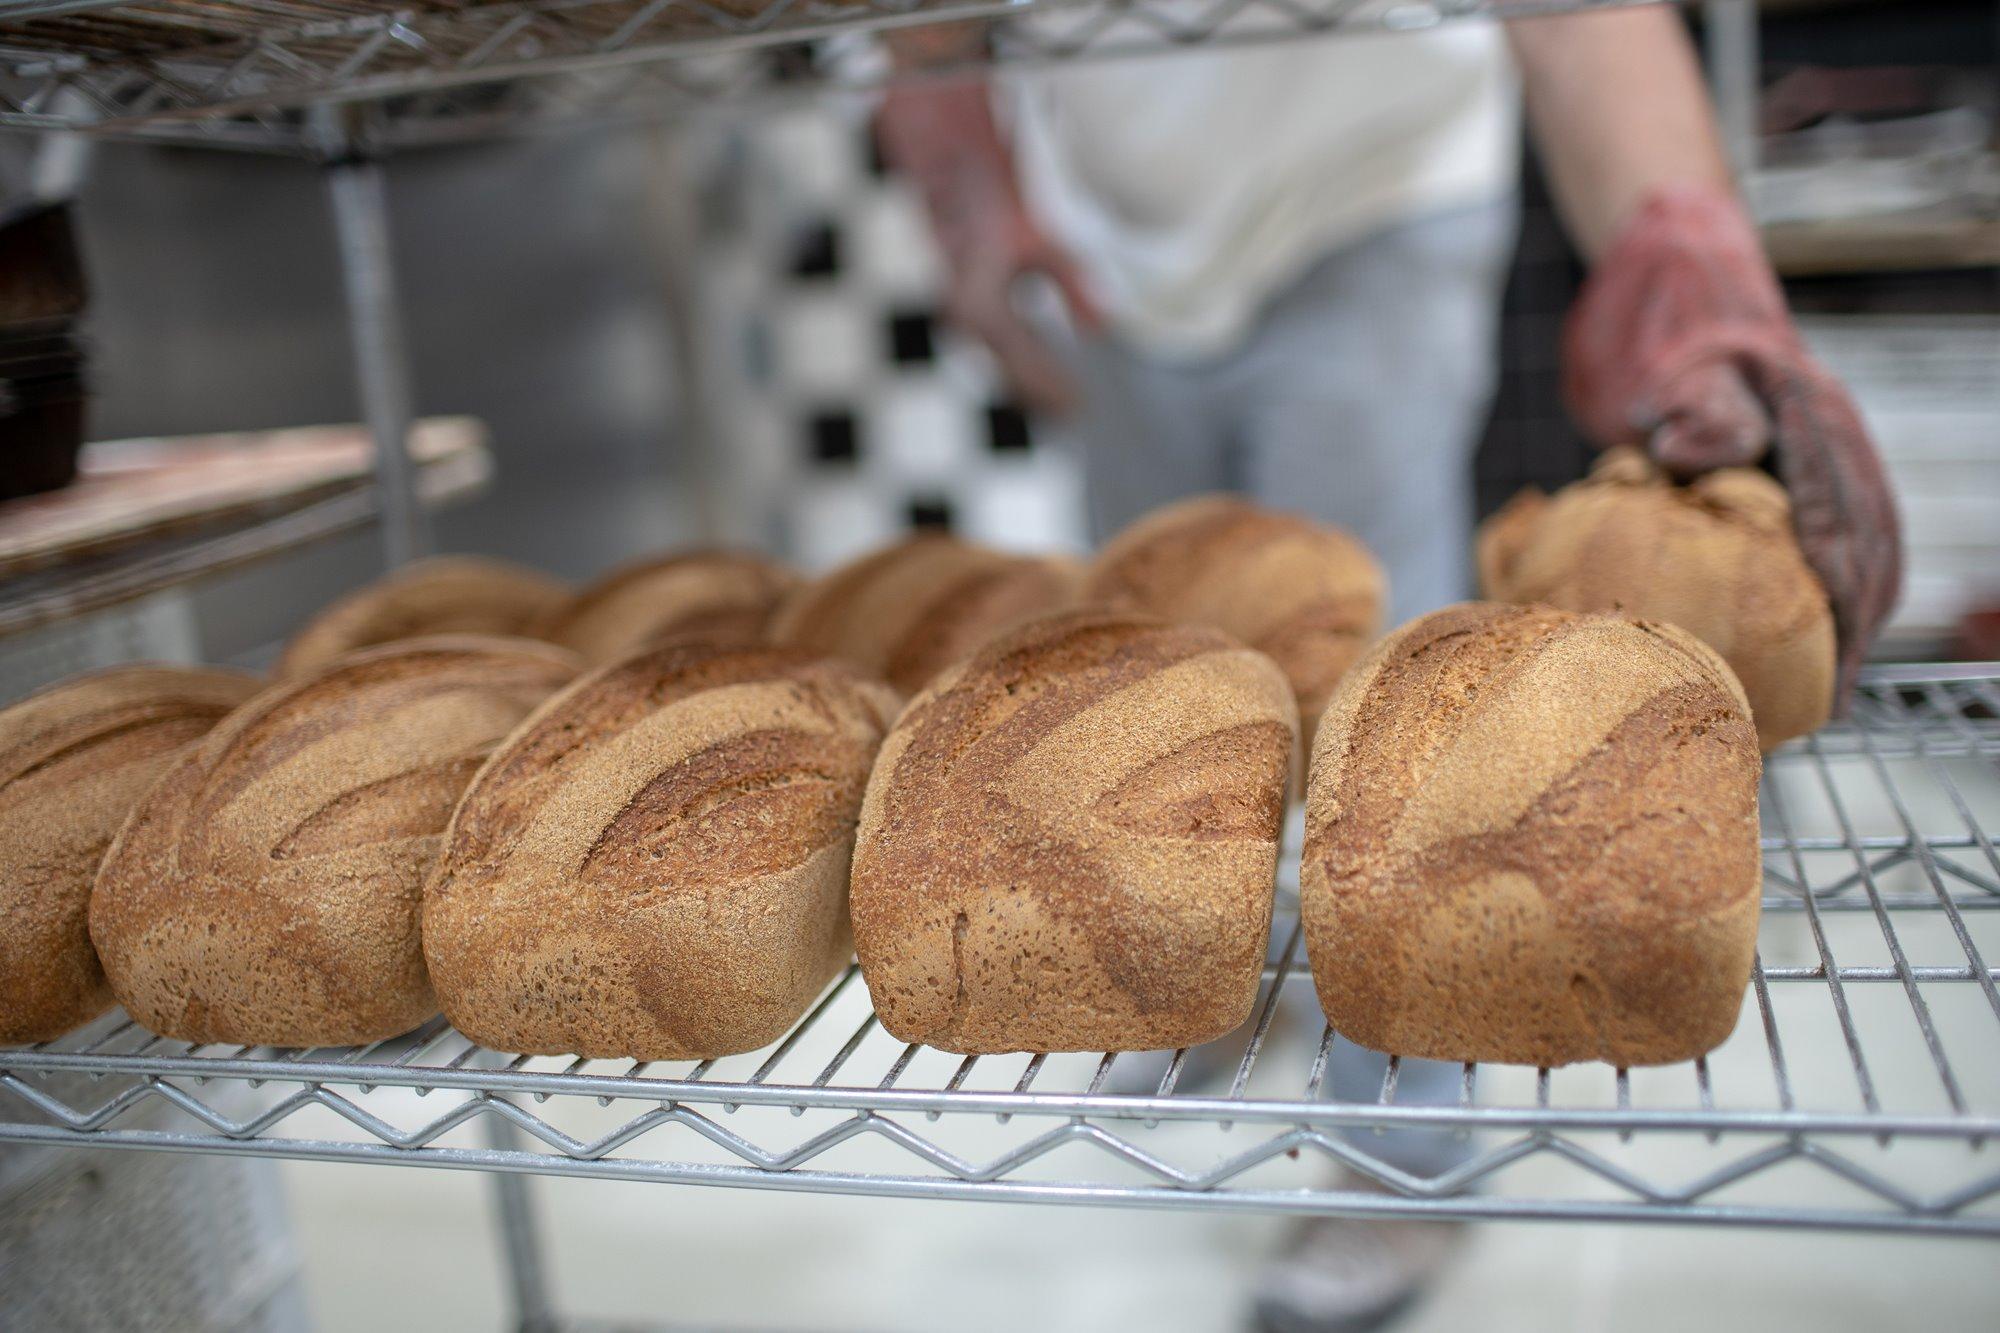 En 'Artesa' elaboran infinidad de panes diferentes.